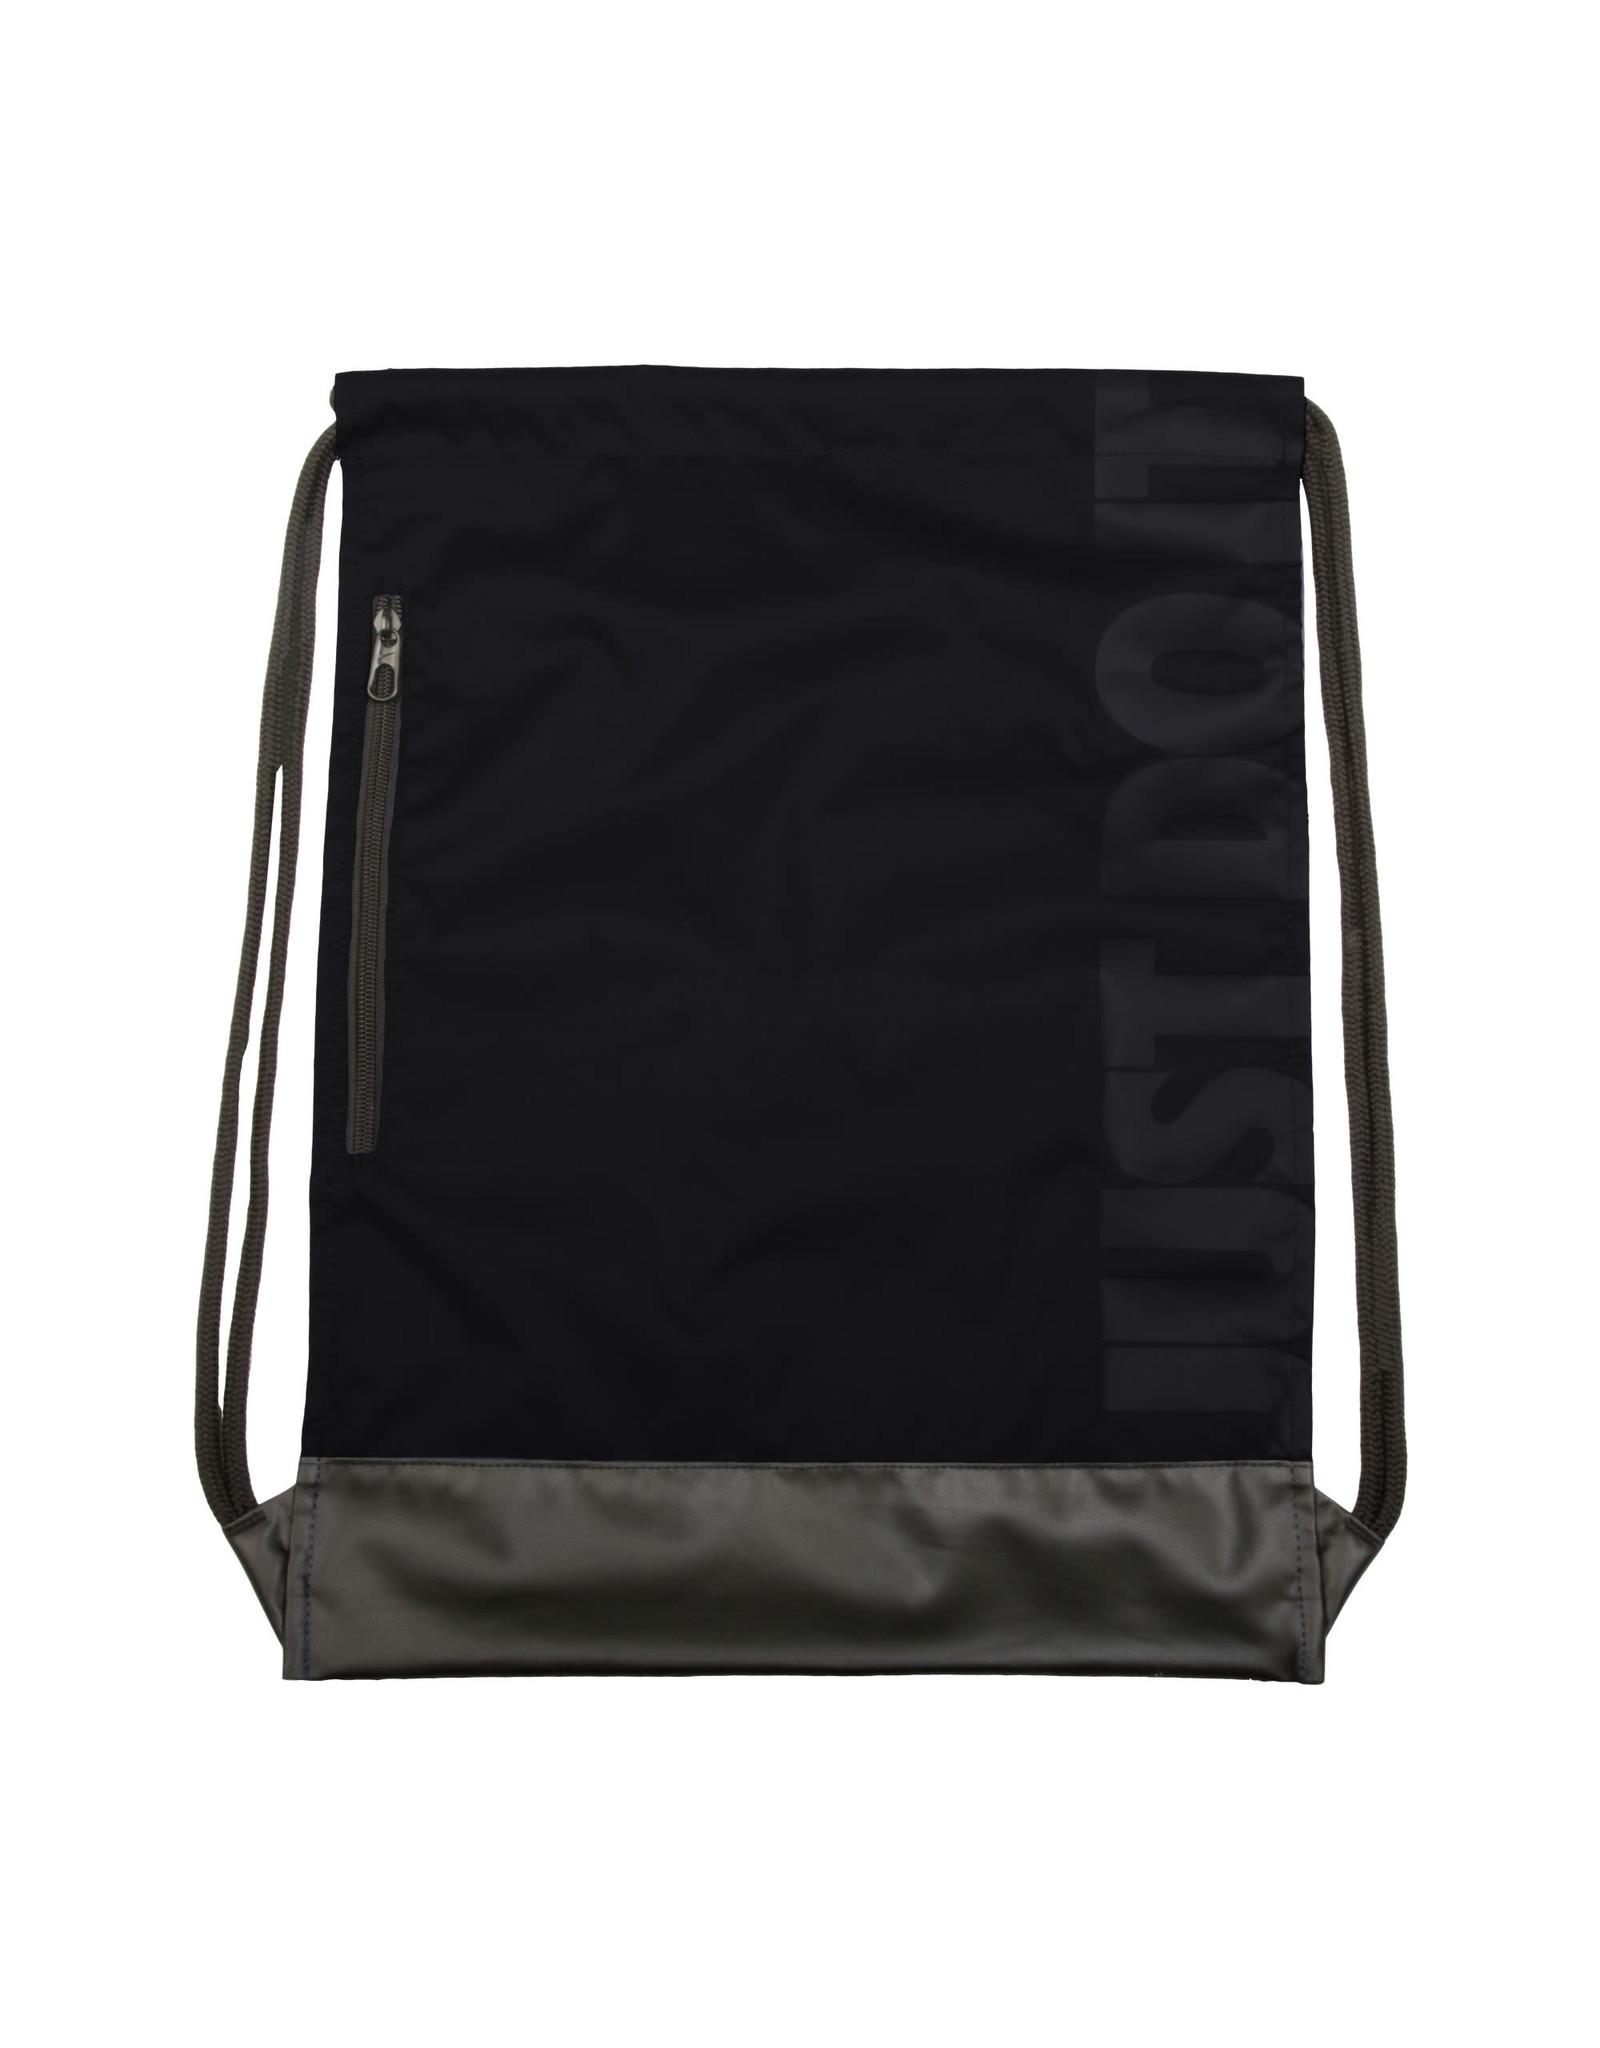 NIKE NIKE Brasilia String Bag Sack in Black